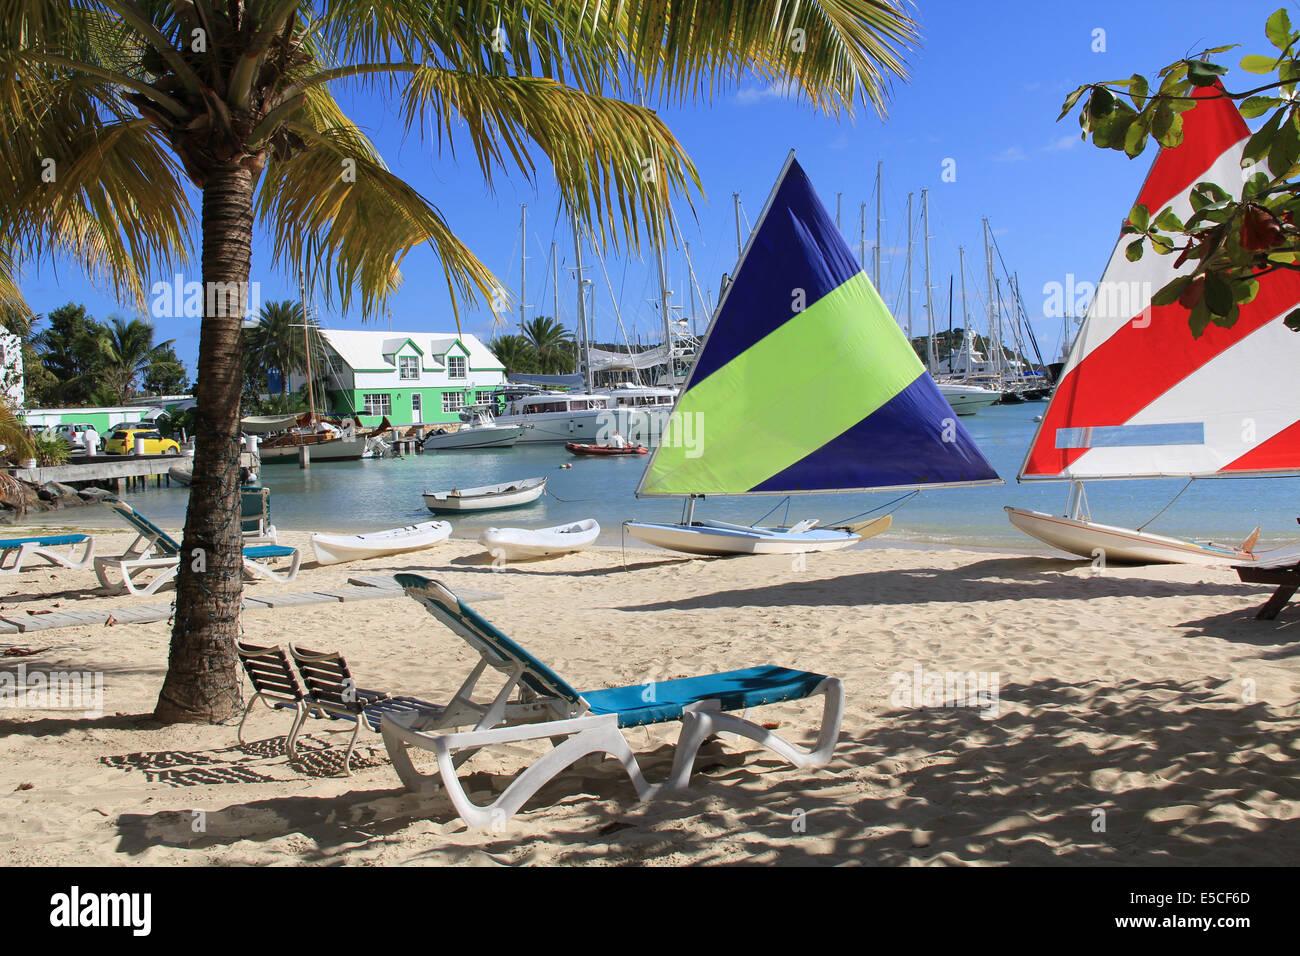 Planche à repasser assis sur une plage de l'hôtel près de Falmouth Harbour Marina en Antigua Photo Stock